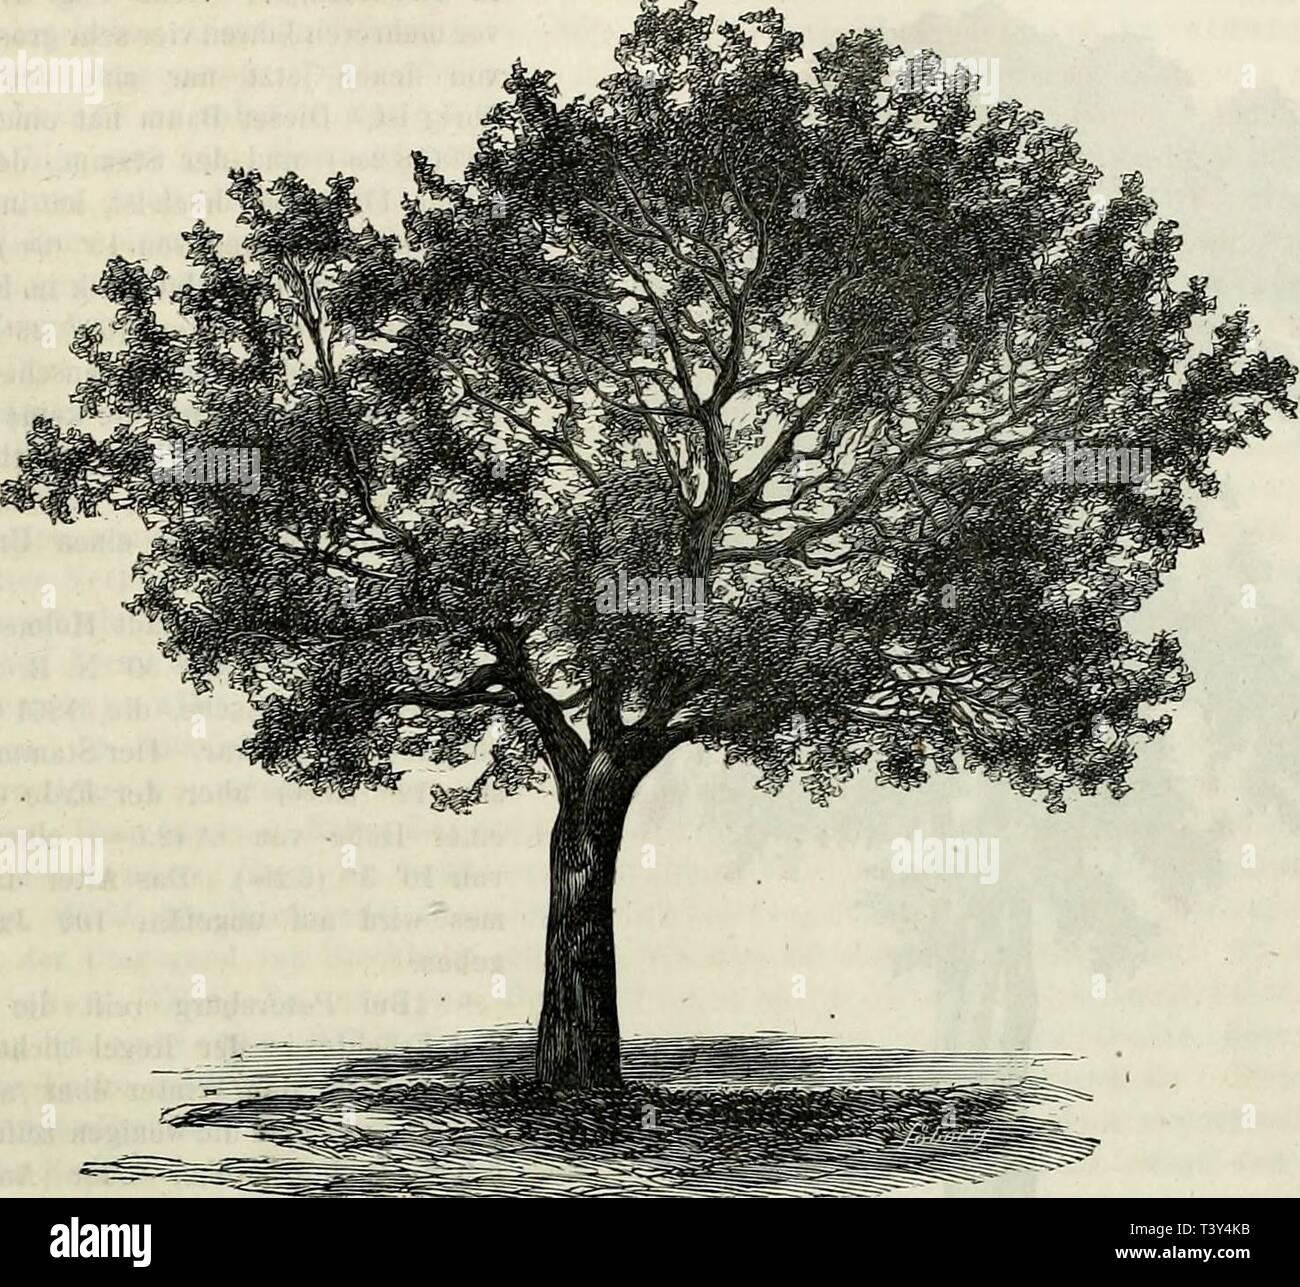 Archive image from page 300 of Die Pflanzenwelt Norwegens  ein. Die Pflanzenwelt Norwegens : ein Beitrag zur Natur- und Culturgeschichte Nord-Europas.  diepflanzenweltn73schu Year: 1873-75  255 Fig. 54.    Beim Hofe By, im Kirchspiele Stod am Ende desThrondhjems-Fjord (64° 2'), findet man mehrere gepflanzte Eschen, die im Mai 1863 gemessen wurden und damals 20 Jahre alt waren. Der grösste dieser Bäume war 28' (8.8m-) hoch, und der Stamm hatte in der Brusthöhe einen Umfang von 25' (64cm.). Die längsten Jahrestriebe massen 3' 5' (lOVcm). Diese Bäume hatten sich dort seit mehreren Jahren durch Se - Stock Image